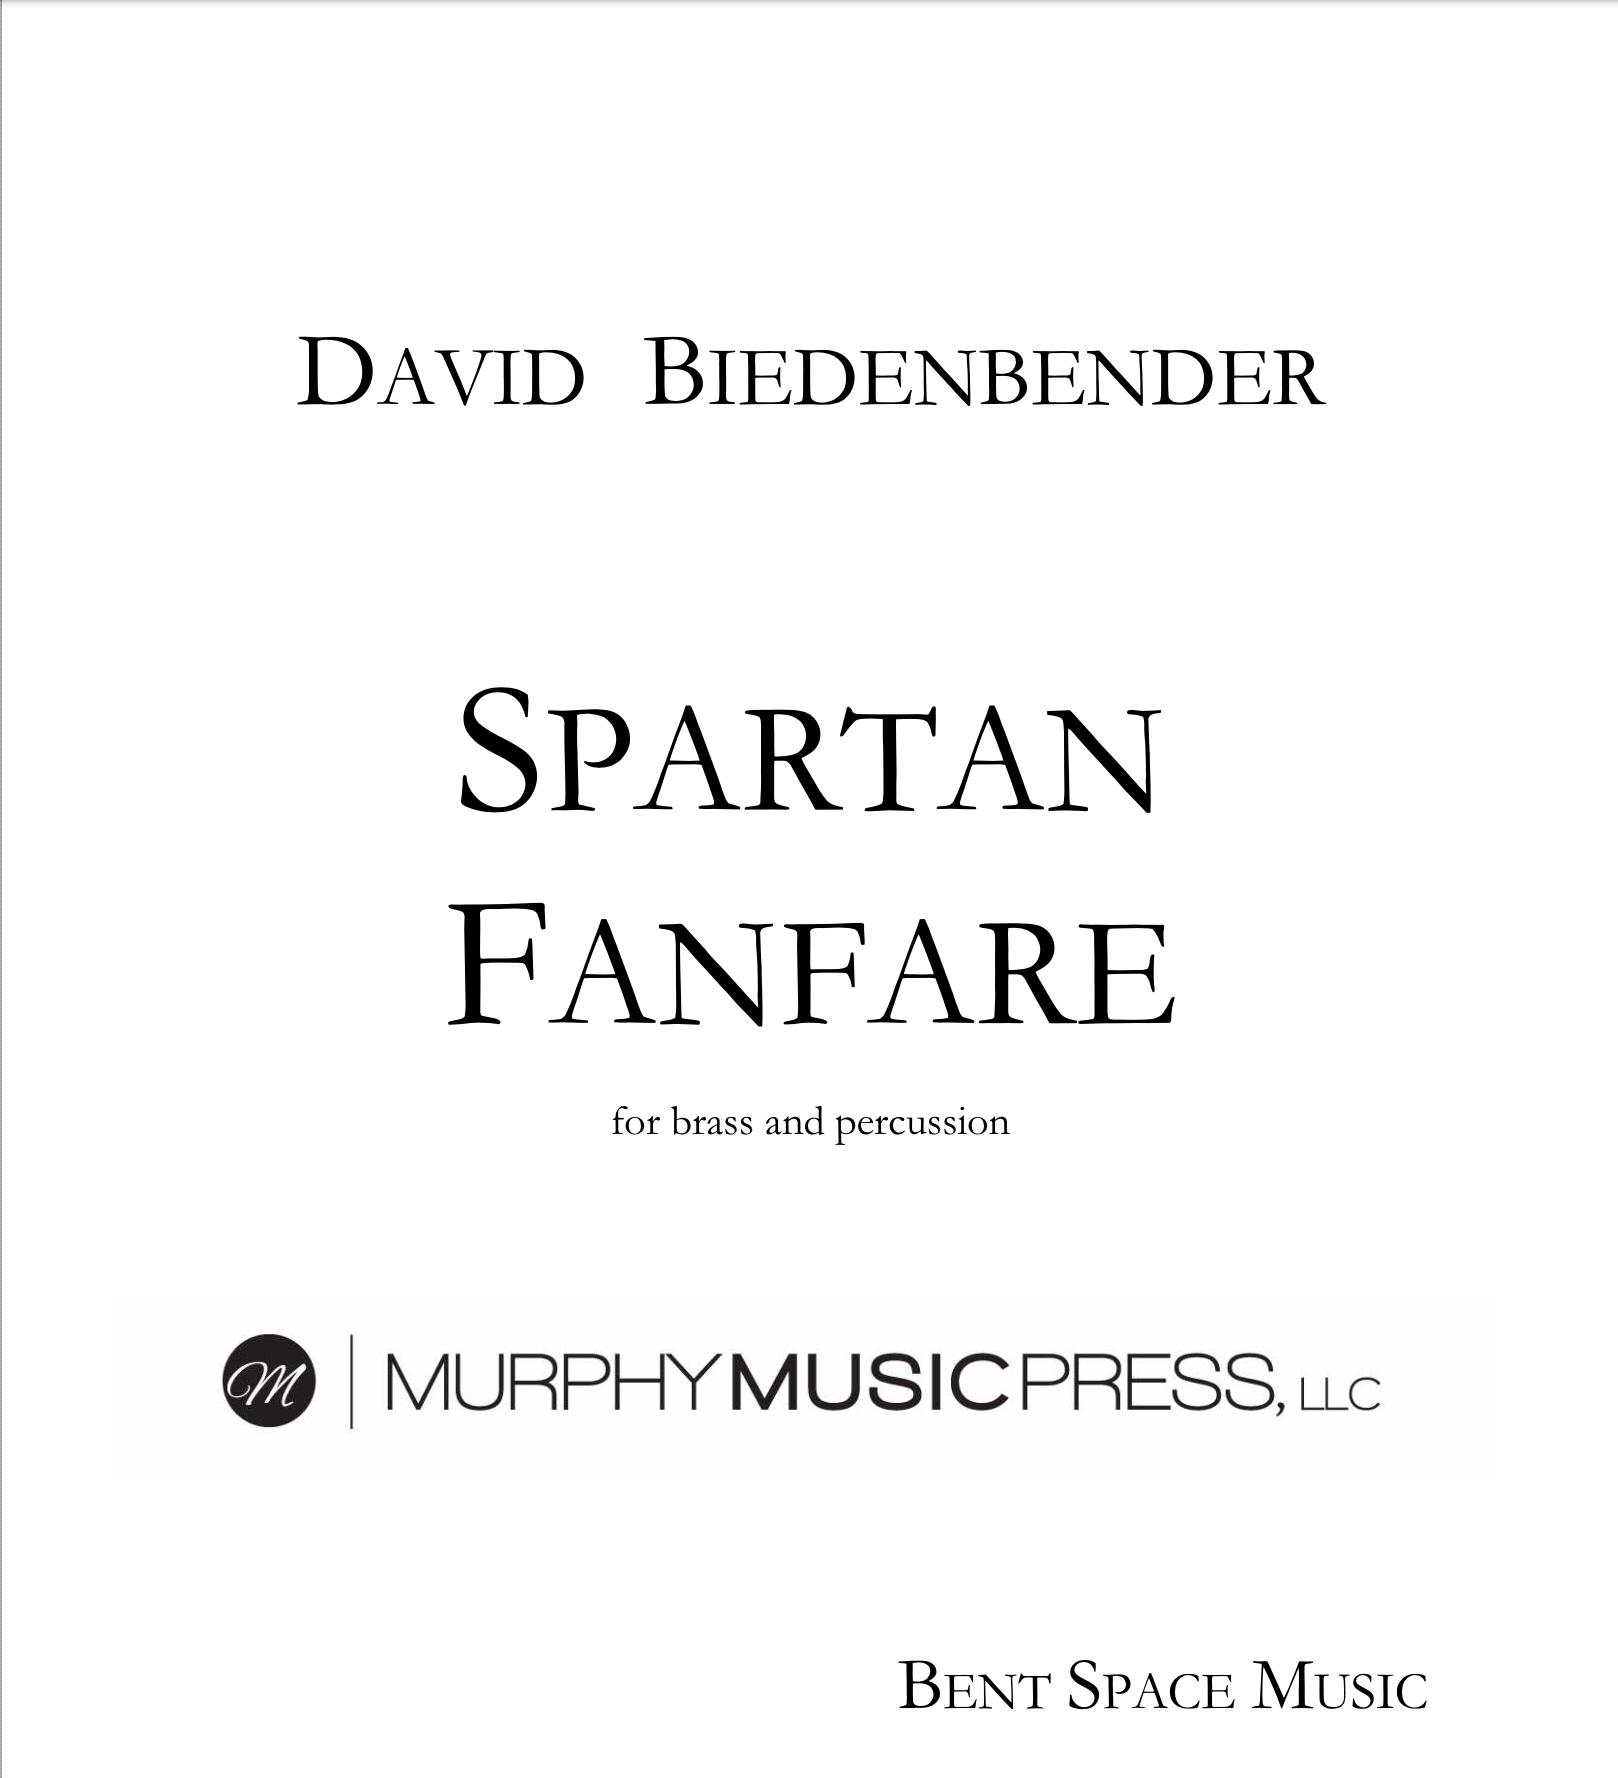 Spartan Fanfare by David Biedenbender